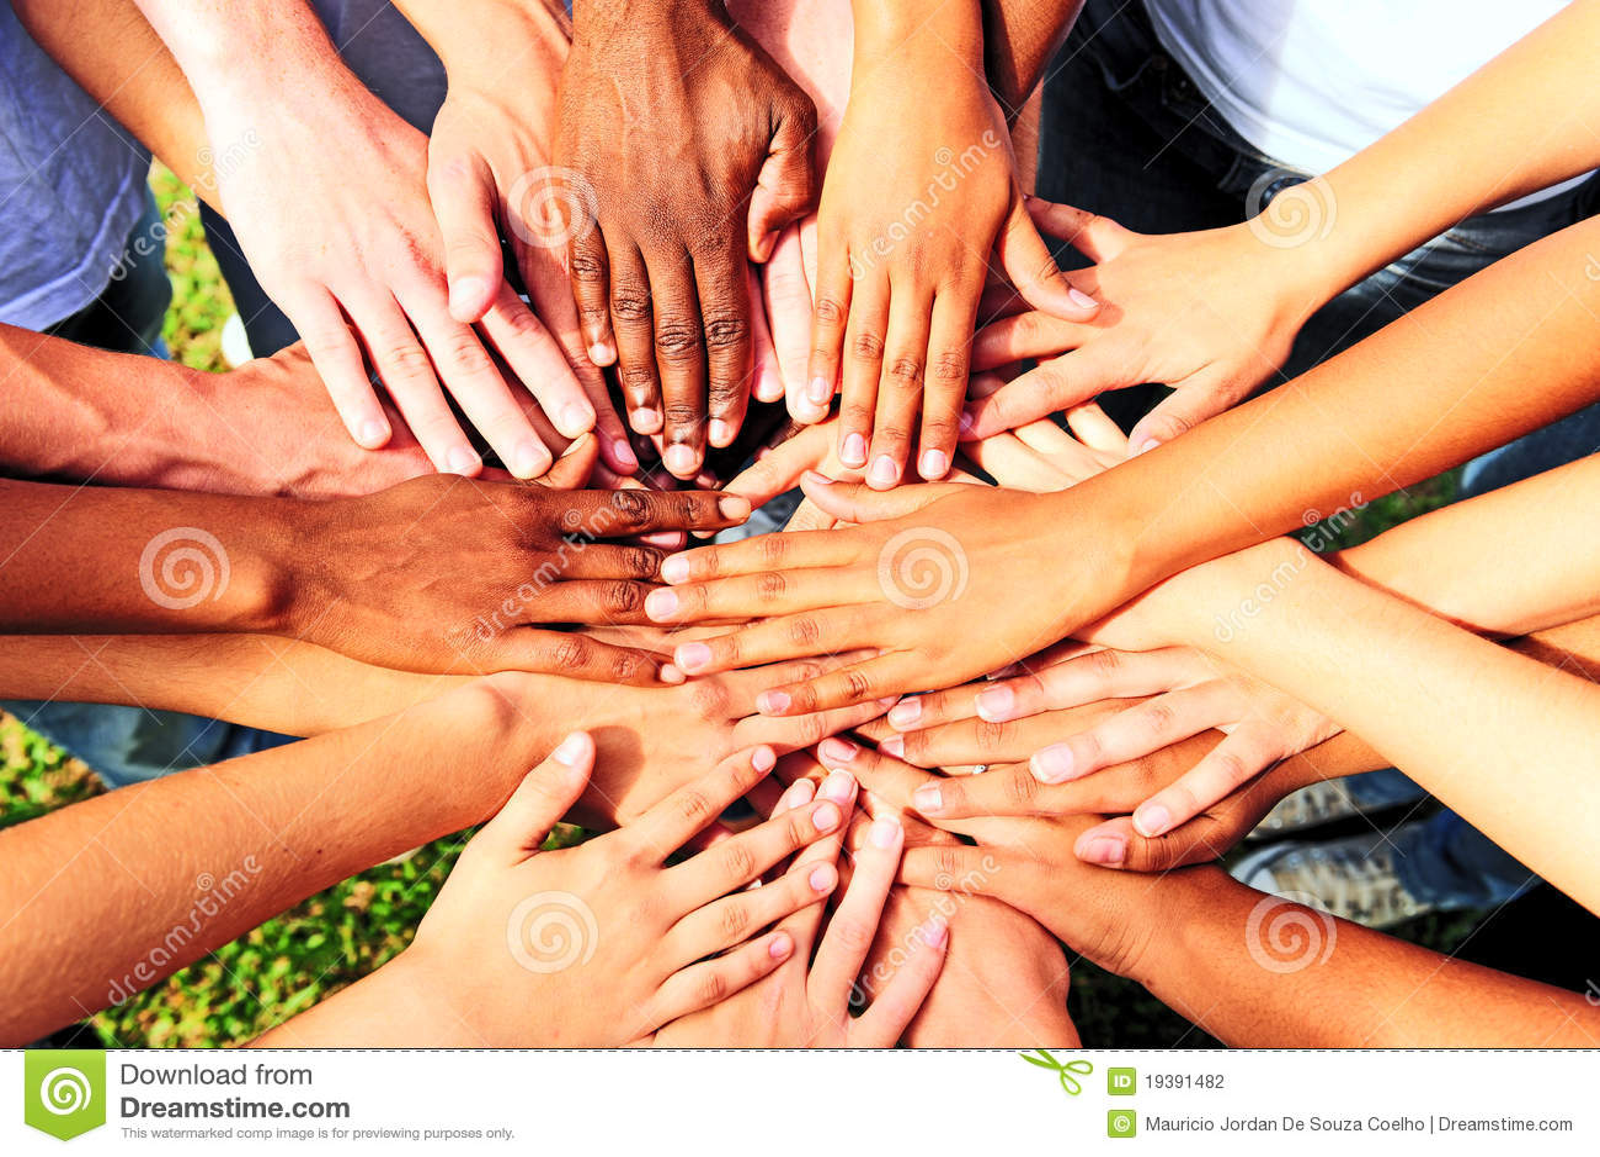 Muchas manos junto: manos que ensamblan del grupo de personas